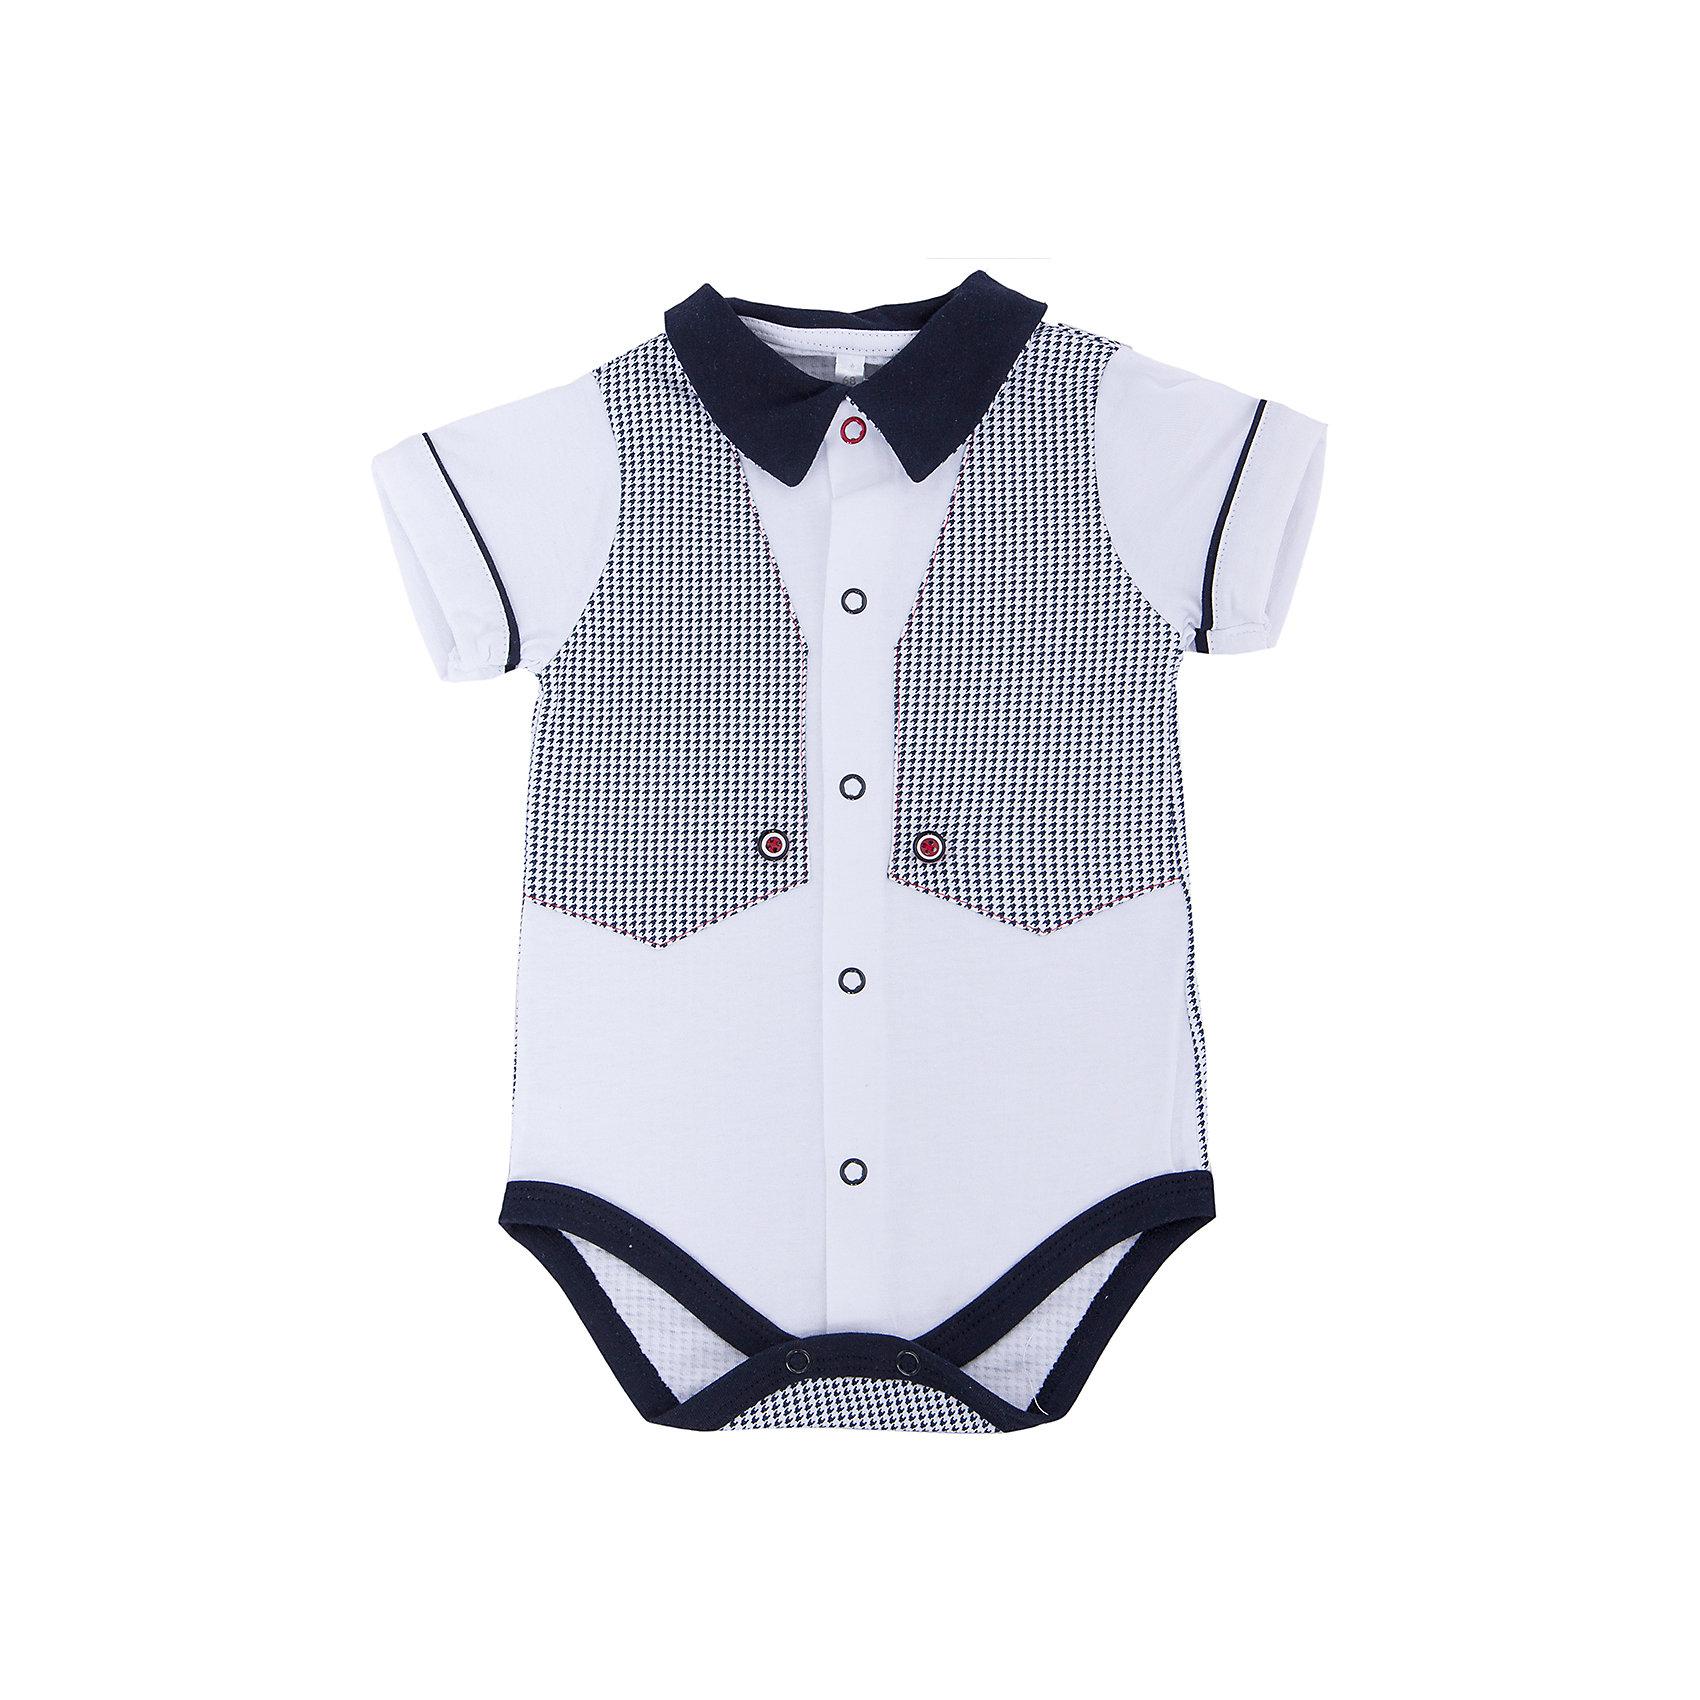 Боди для мальчика Soni KidsБоди<br>Боди для мальчика от популярной марки Soni Kids <br> <br>Стильное боди в черно-белой гамме сшито из мягкого дышащего хлопка. Это гипоаллергенный материал, который отлично подходит для детской одежды. Правильный крой обеспечит ребенку удобство, не будет натирать и стеснять движения. <br> <br>Особенности модели: <br> <br>- цвет - белый; <br>- материал - натуральный хлопок; <br>- черная отделка; <br>- имитация жилета; <br>- мягкая окантовка; <br>- отложной воротник; <br>- рукава короткие, с отделкой; <br>- застежки - кнопки впереди и внизу. <br> <br>Дополнительная информация: <br> <br>Состав: 100% хлопок <br> <br>Боди для мальчика от популярной марки Soni Kids (Сони Кидс) можно купить в нашем магазине.<br><br>Ширина мм: 157<br>Глубина мм: 13<br>Высота мм: 119<br>Вес г: 200<br>Цвет: белый/серый<br>Возраст от месяцев: 2<br>Возраст до месяцев: 5<br>Пол: Мужской<br>Возраст: Детский<br>Размер: 62,86,80,74,68<br>SKU: 4545021